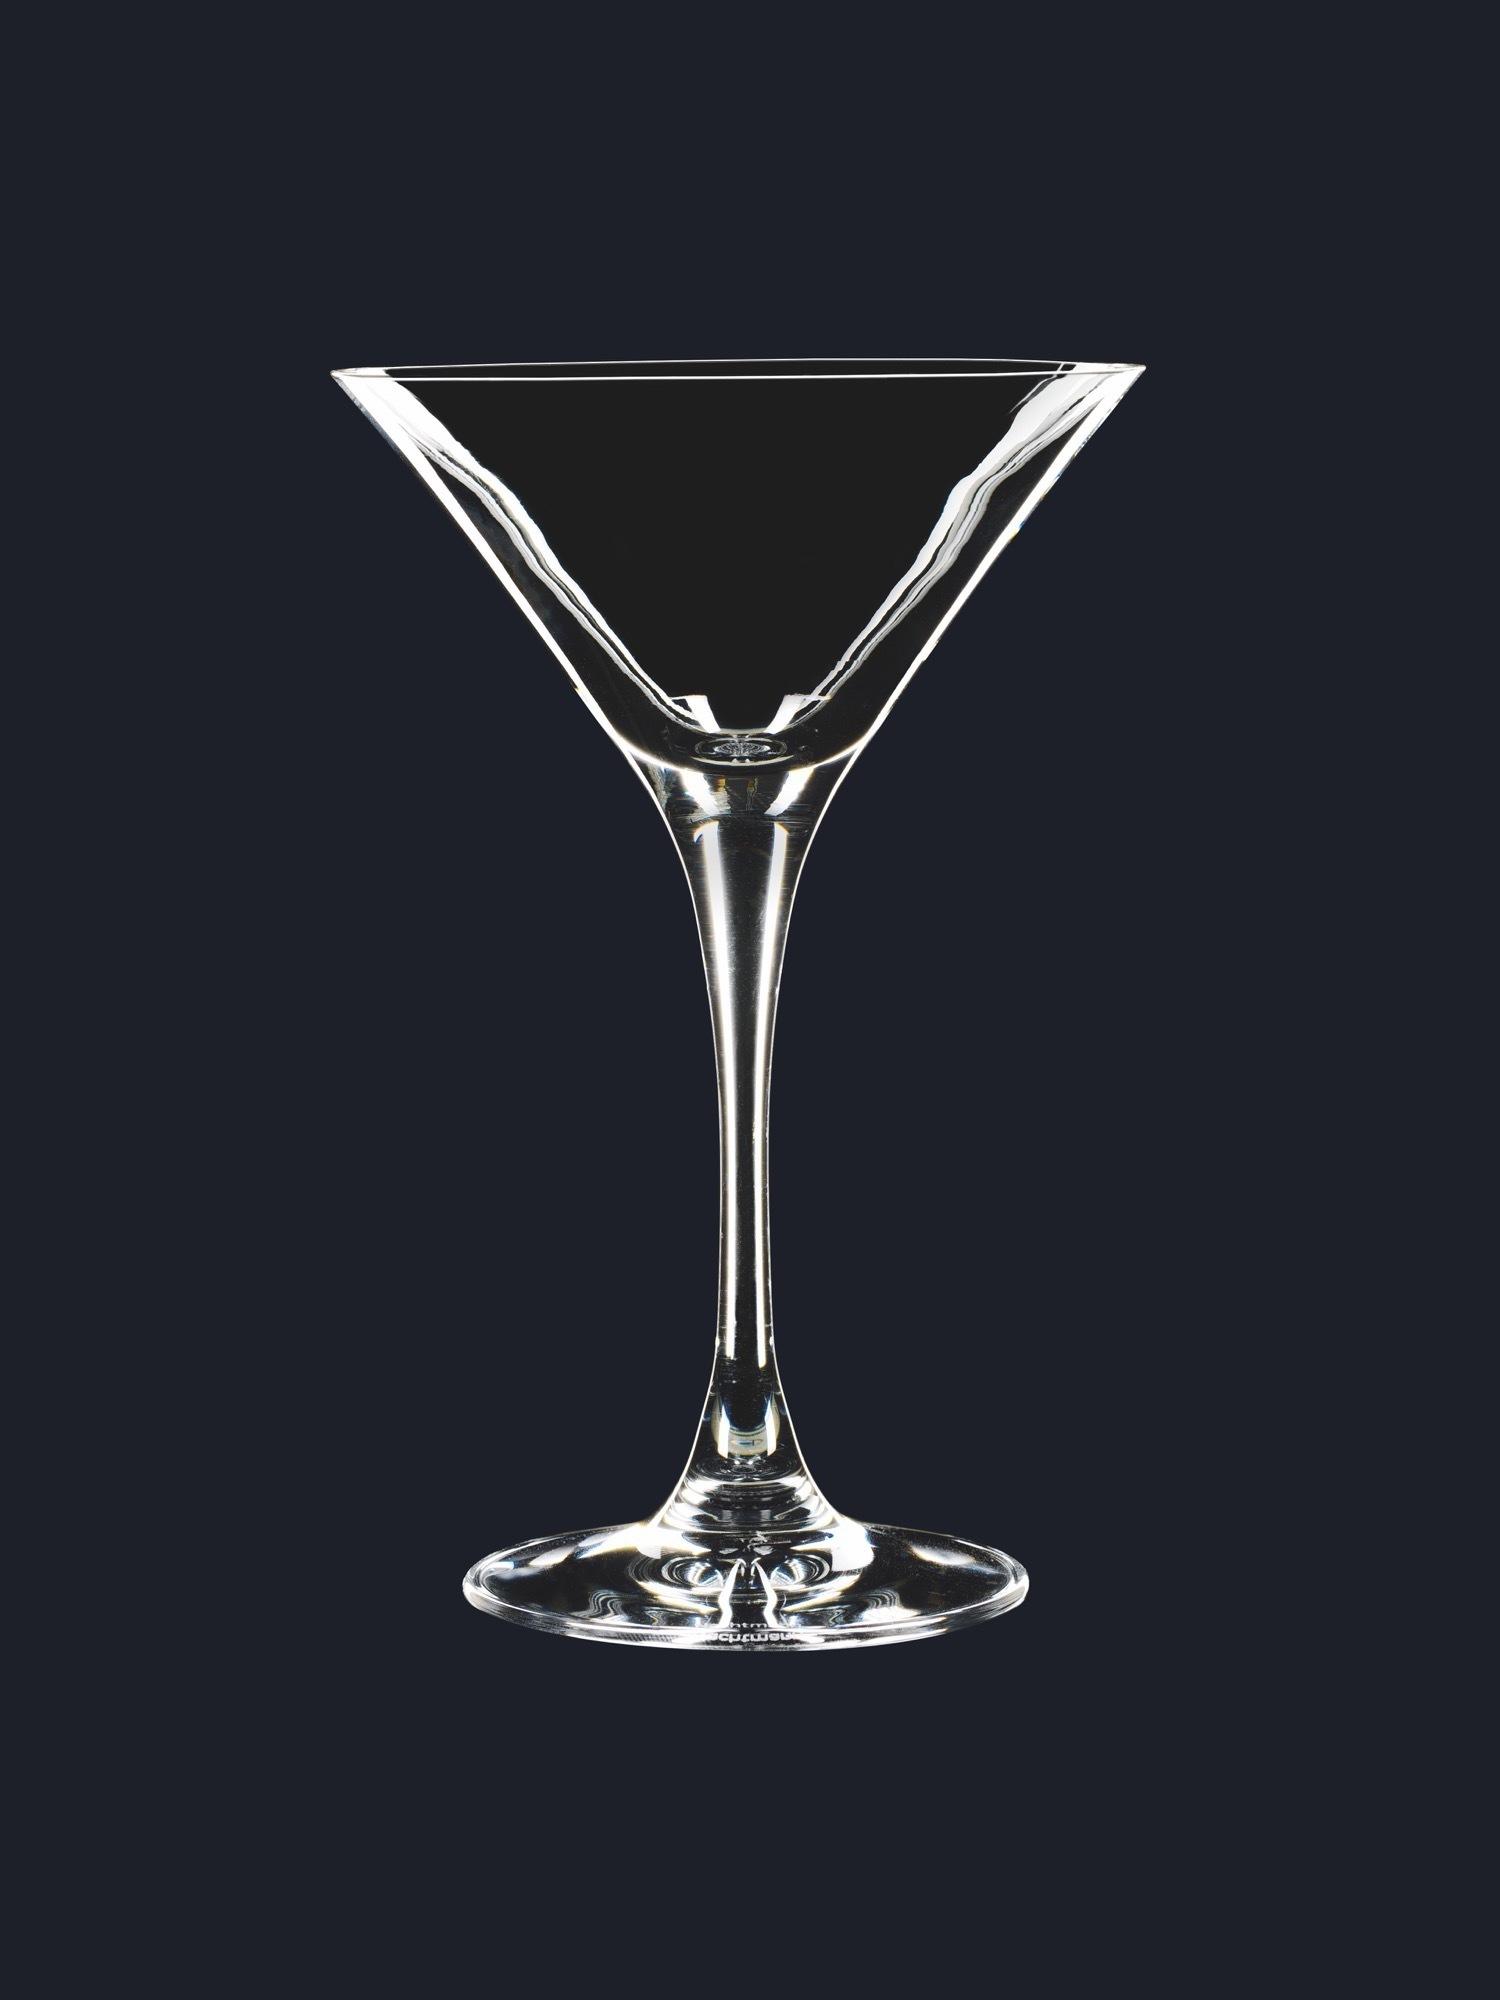 картинка фужер мартини позволит тебе только